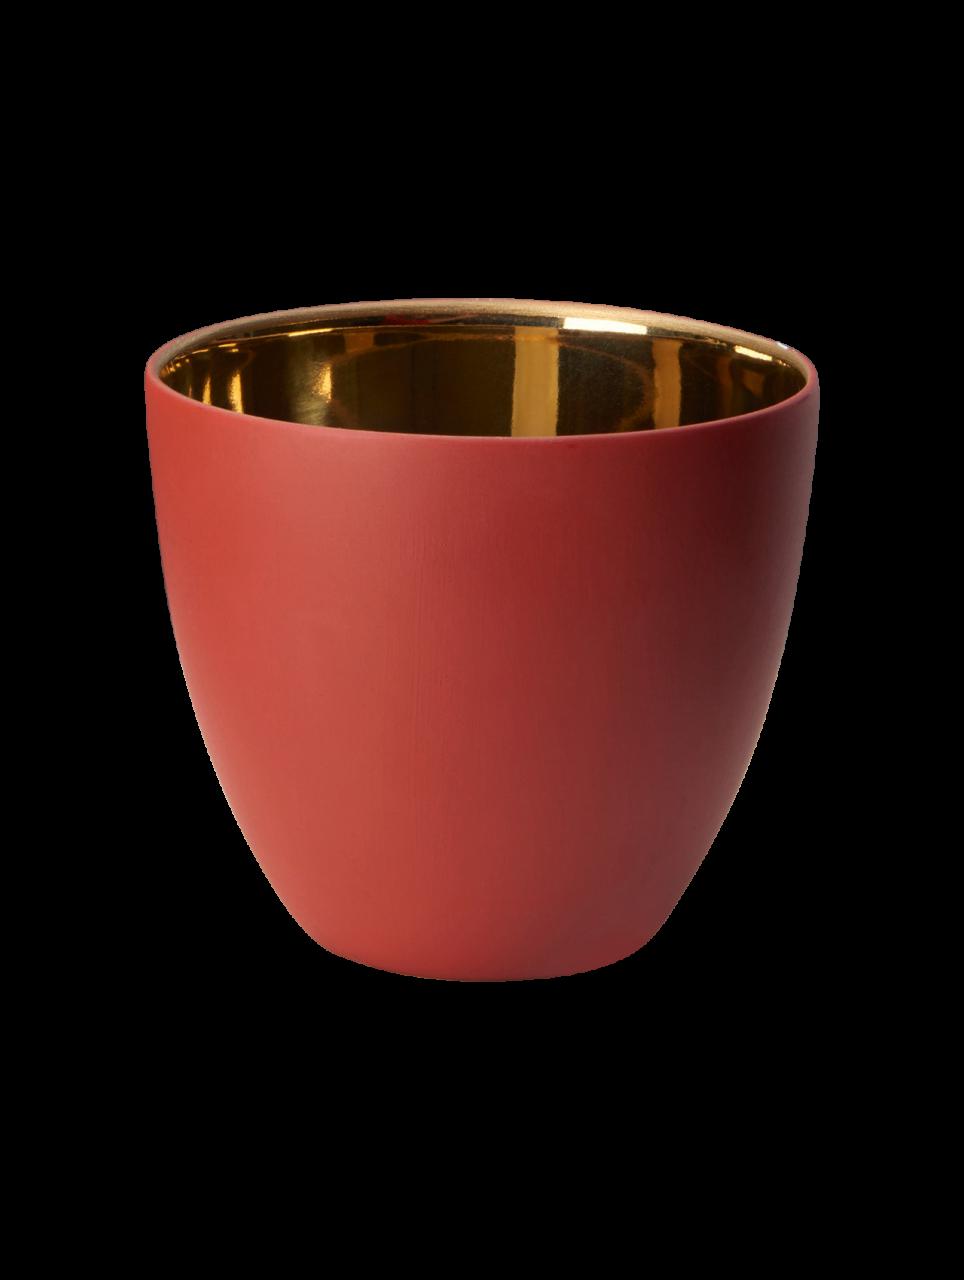 Windlicht Rot, innen gold glänzend